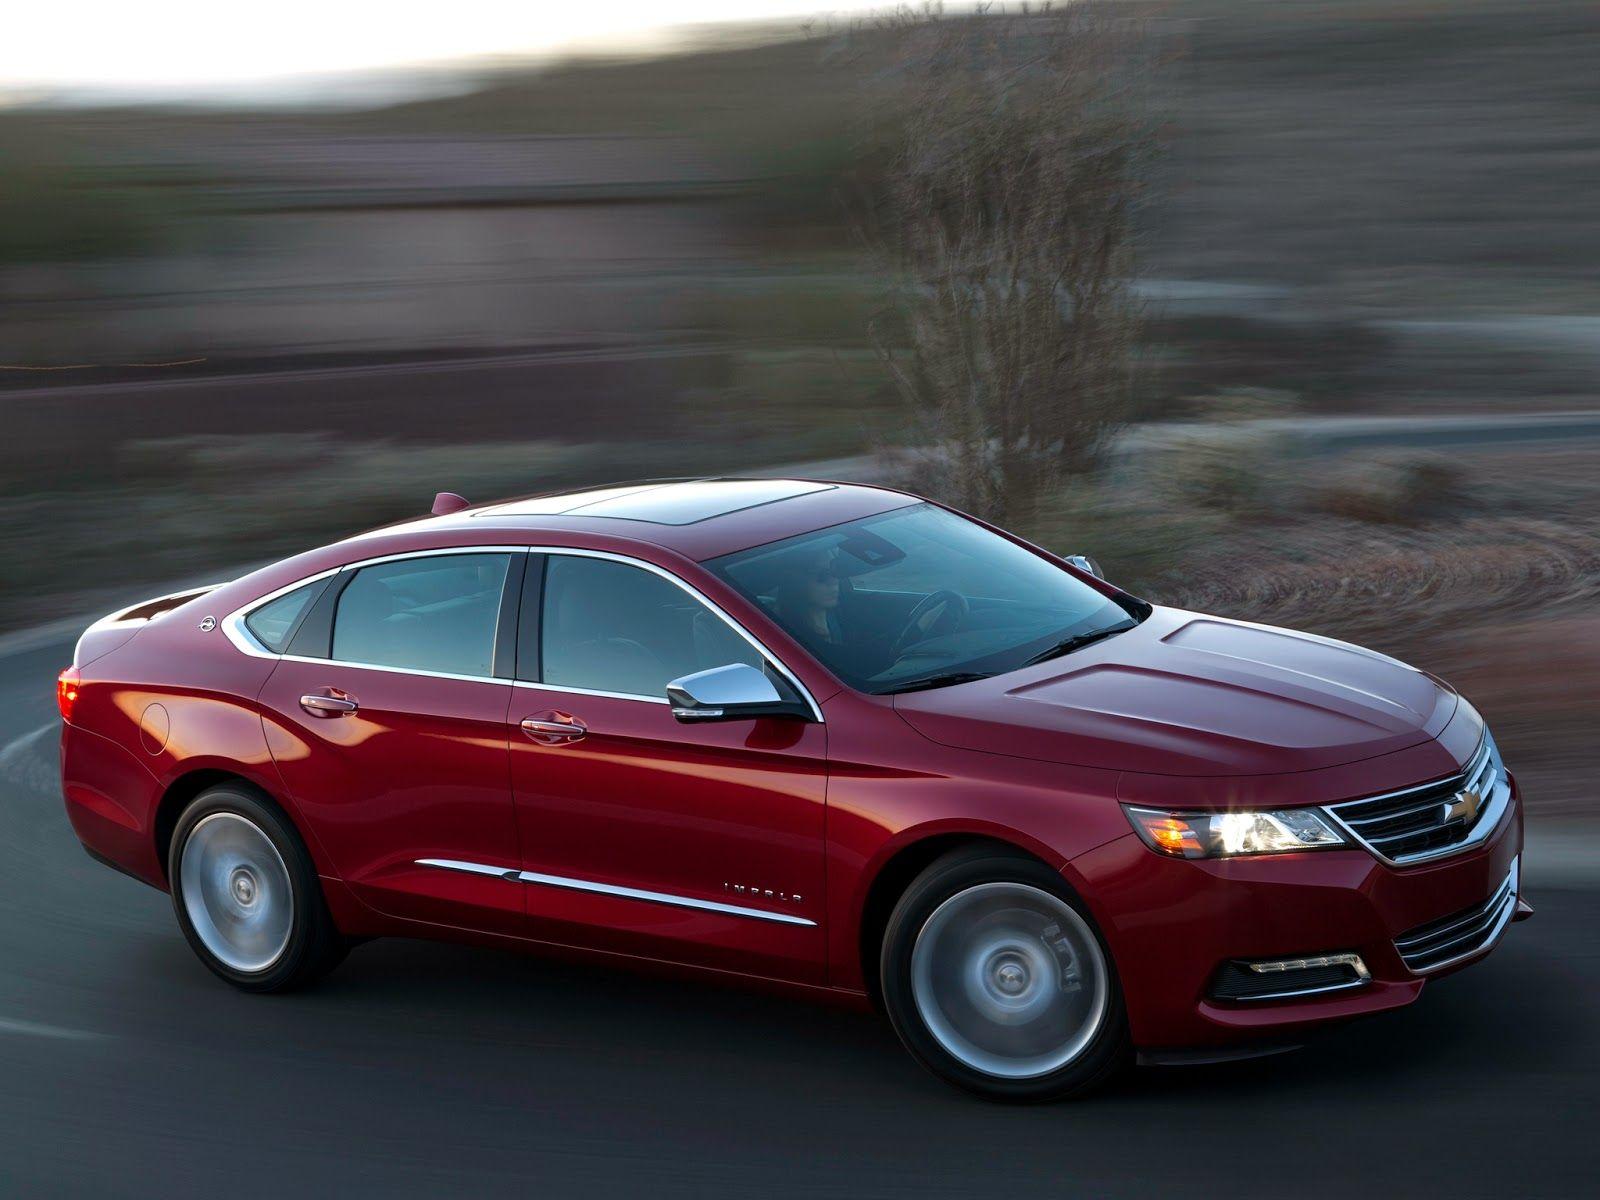 2015 Chevy Impala Ss Cost 2015 Chevrolet Impala Ss